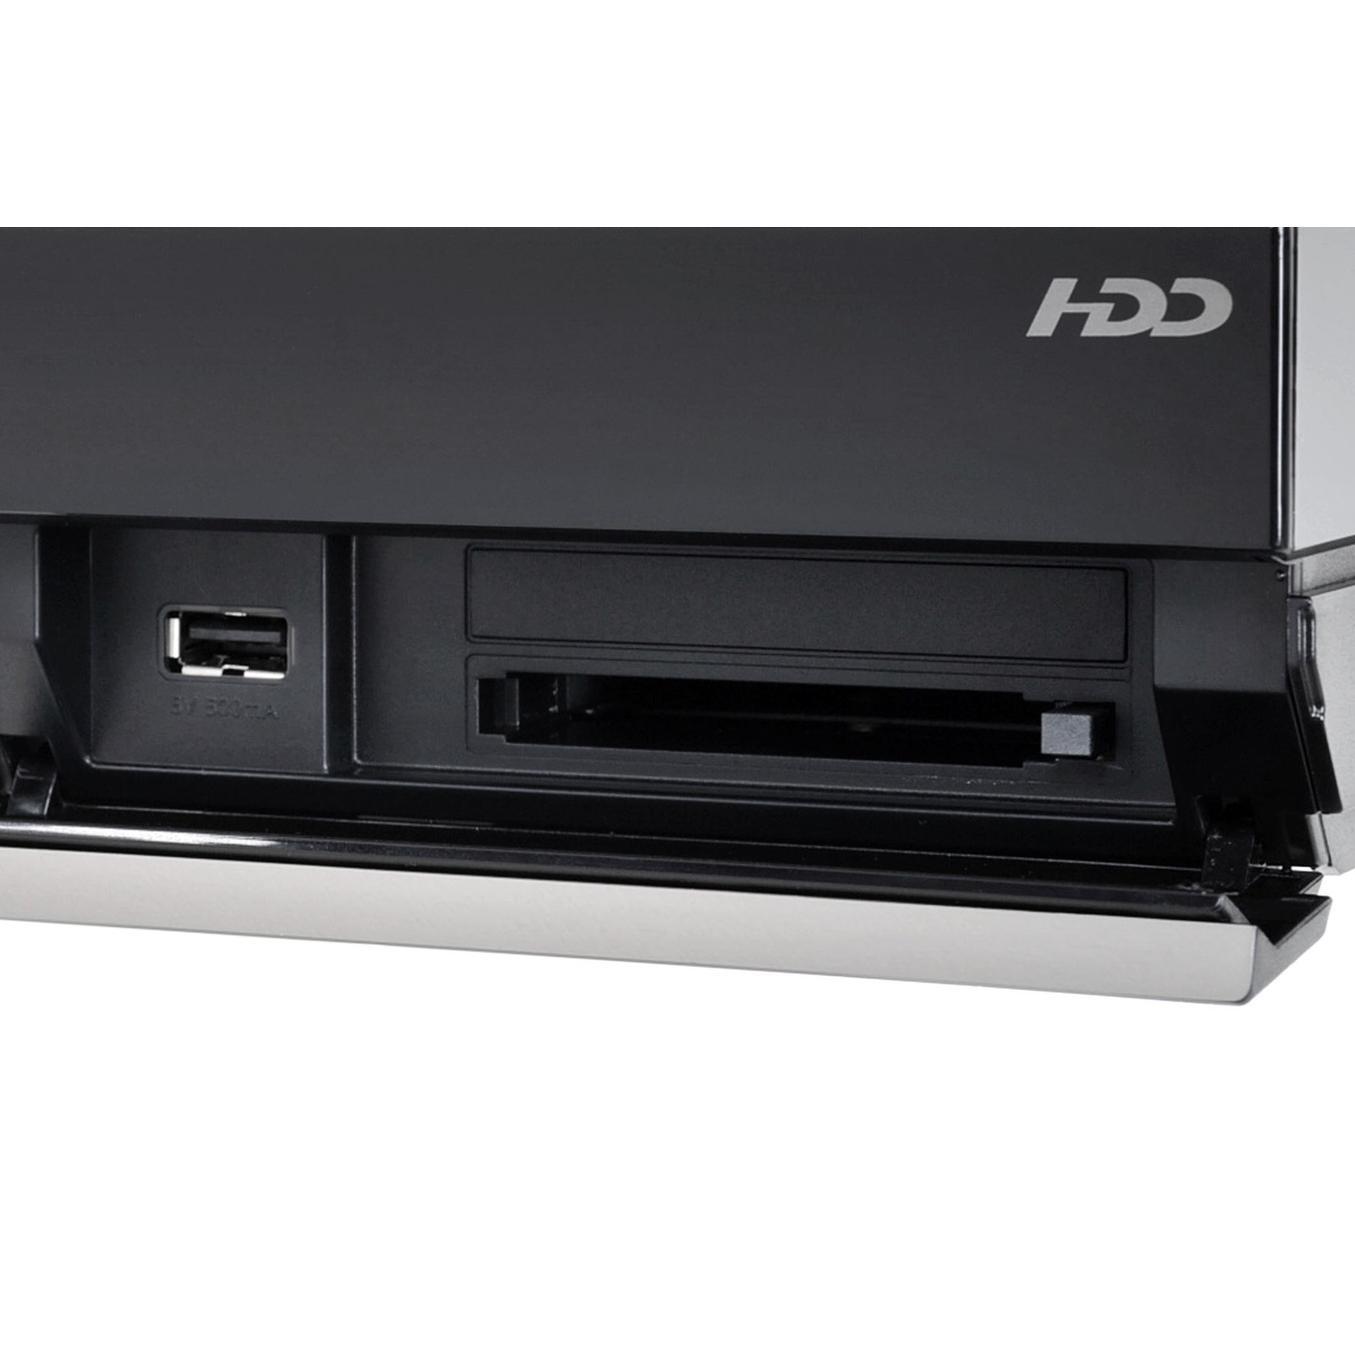 LECTEUR ENREGISTREUR BLU-RAY AVEC DISQUE DUR 250GO 3D SAMSUNG BD-D8200